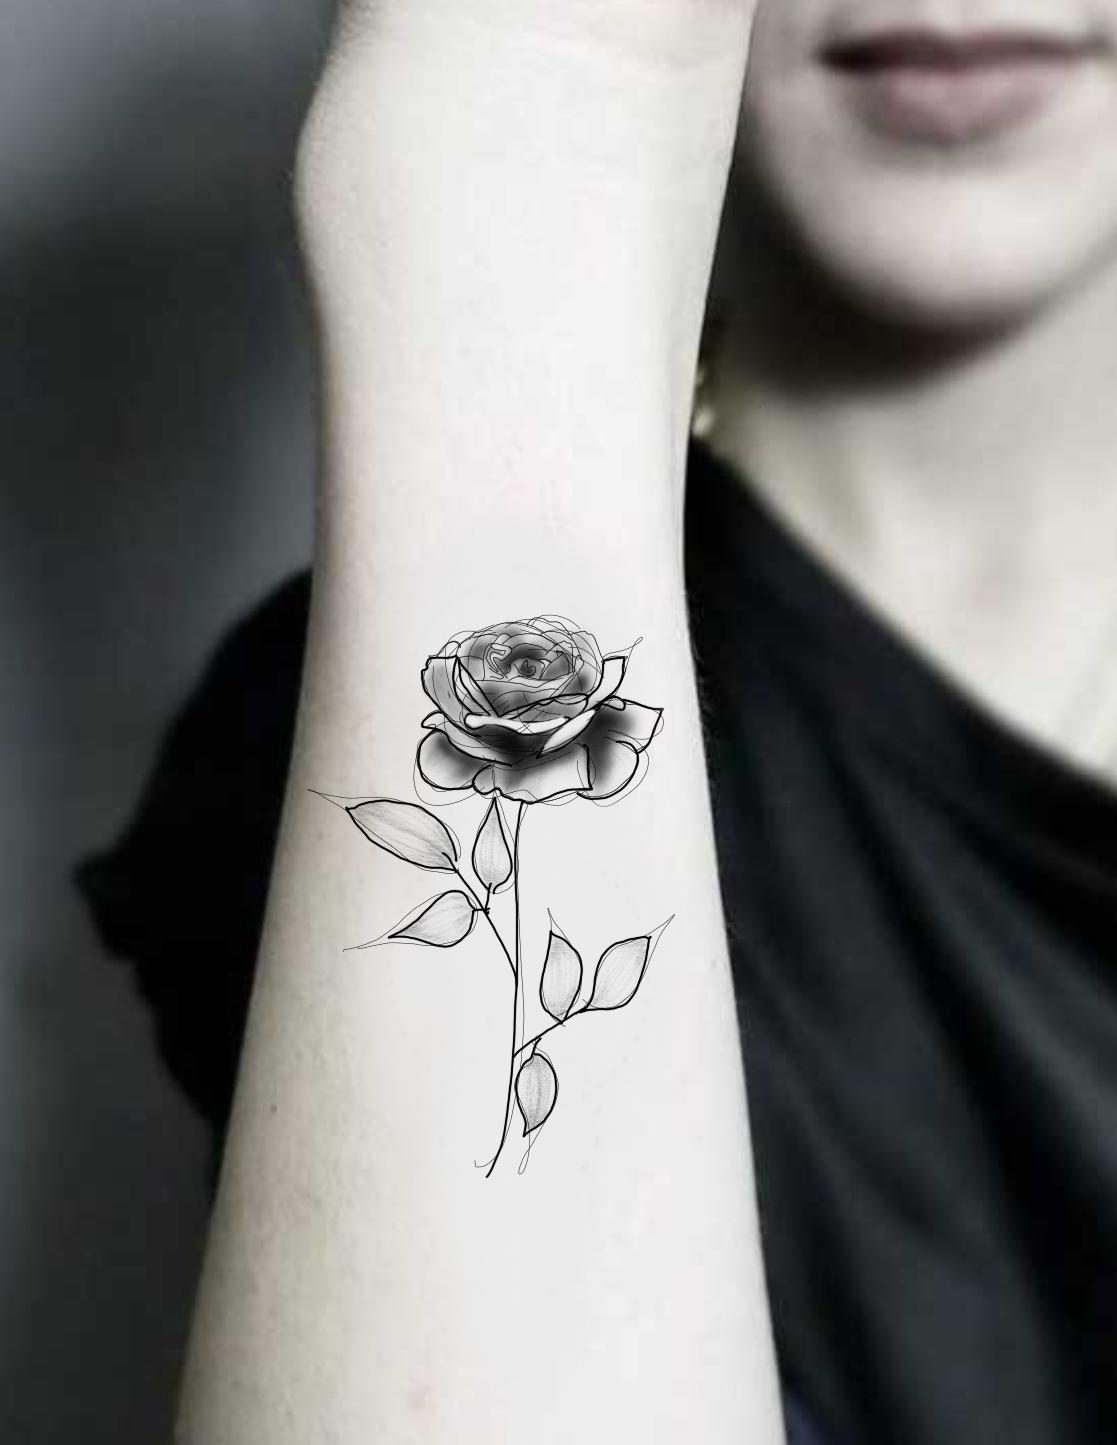 tatuaje temporal rosa blanco y negro